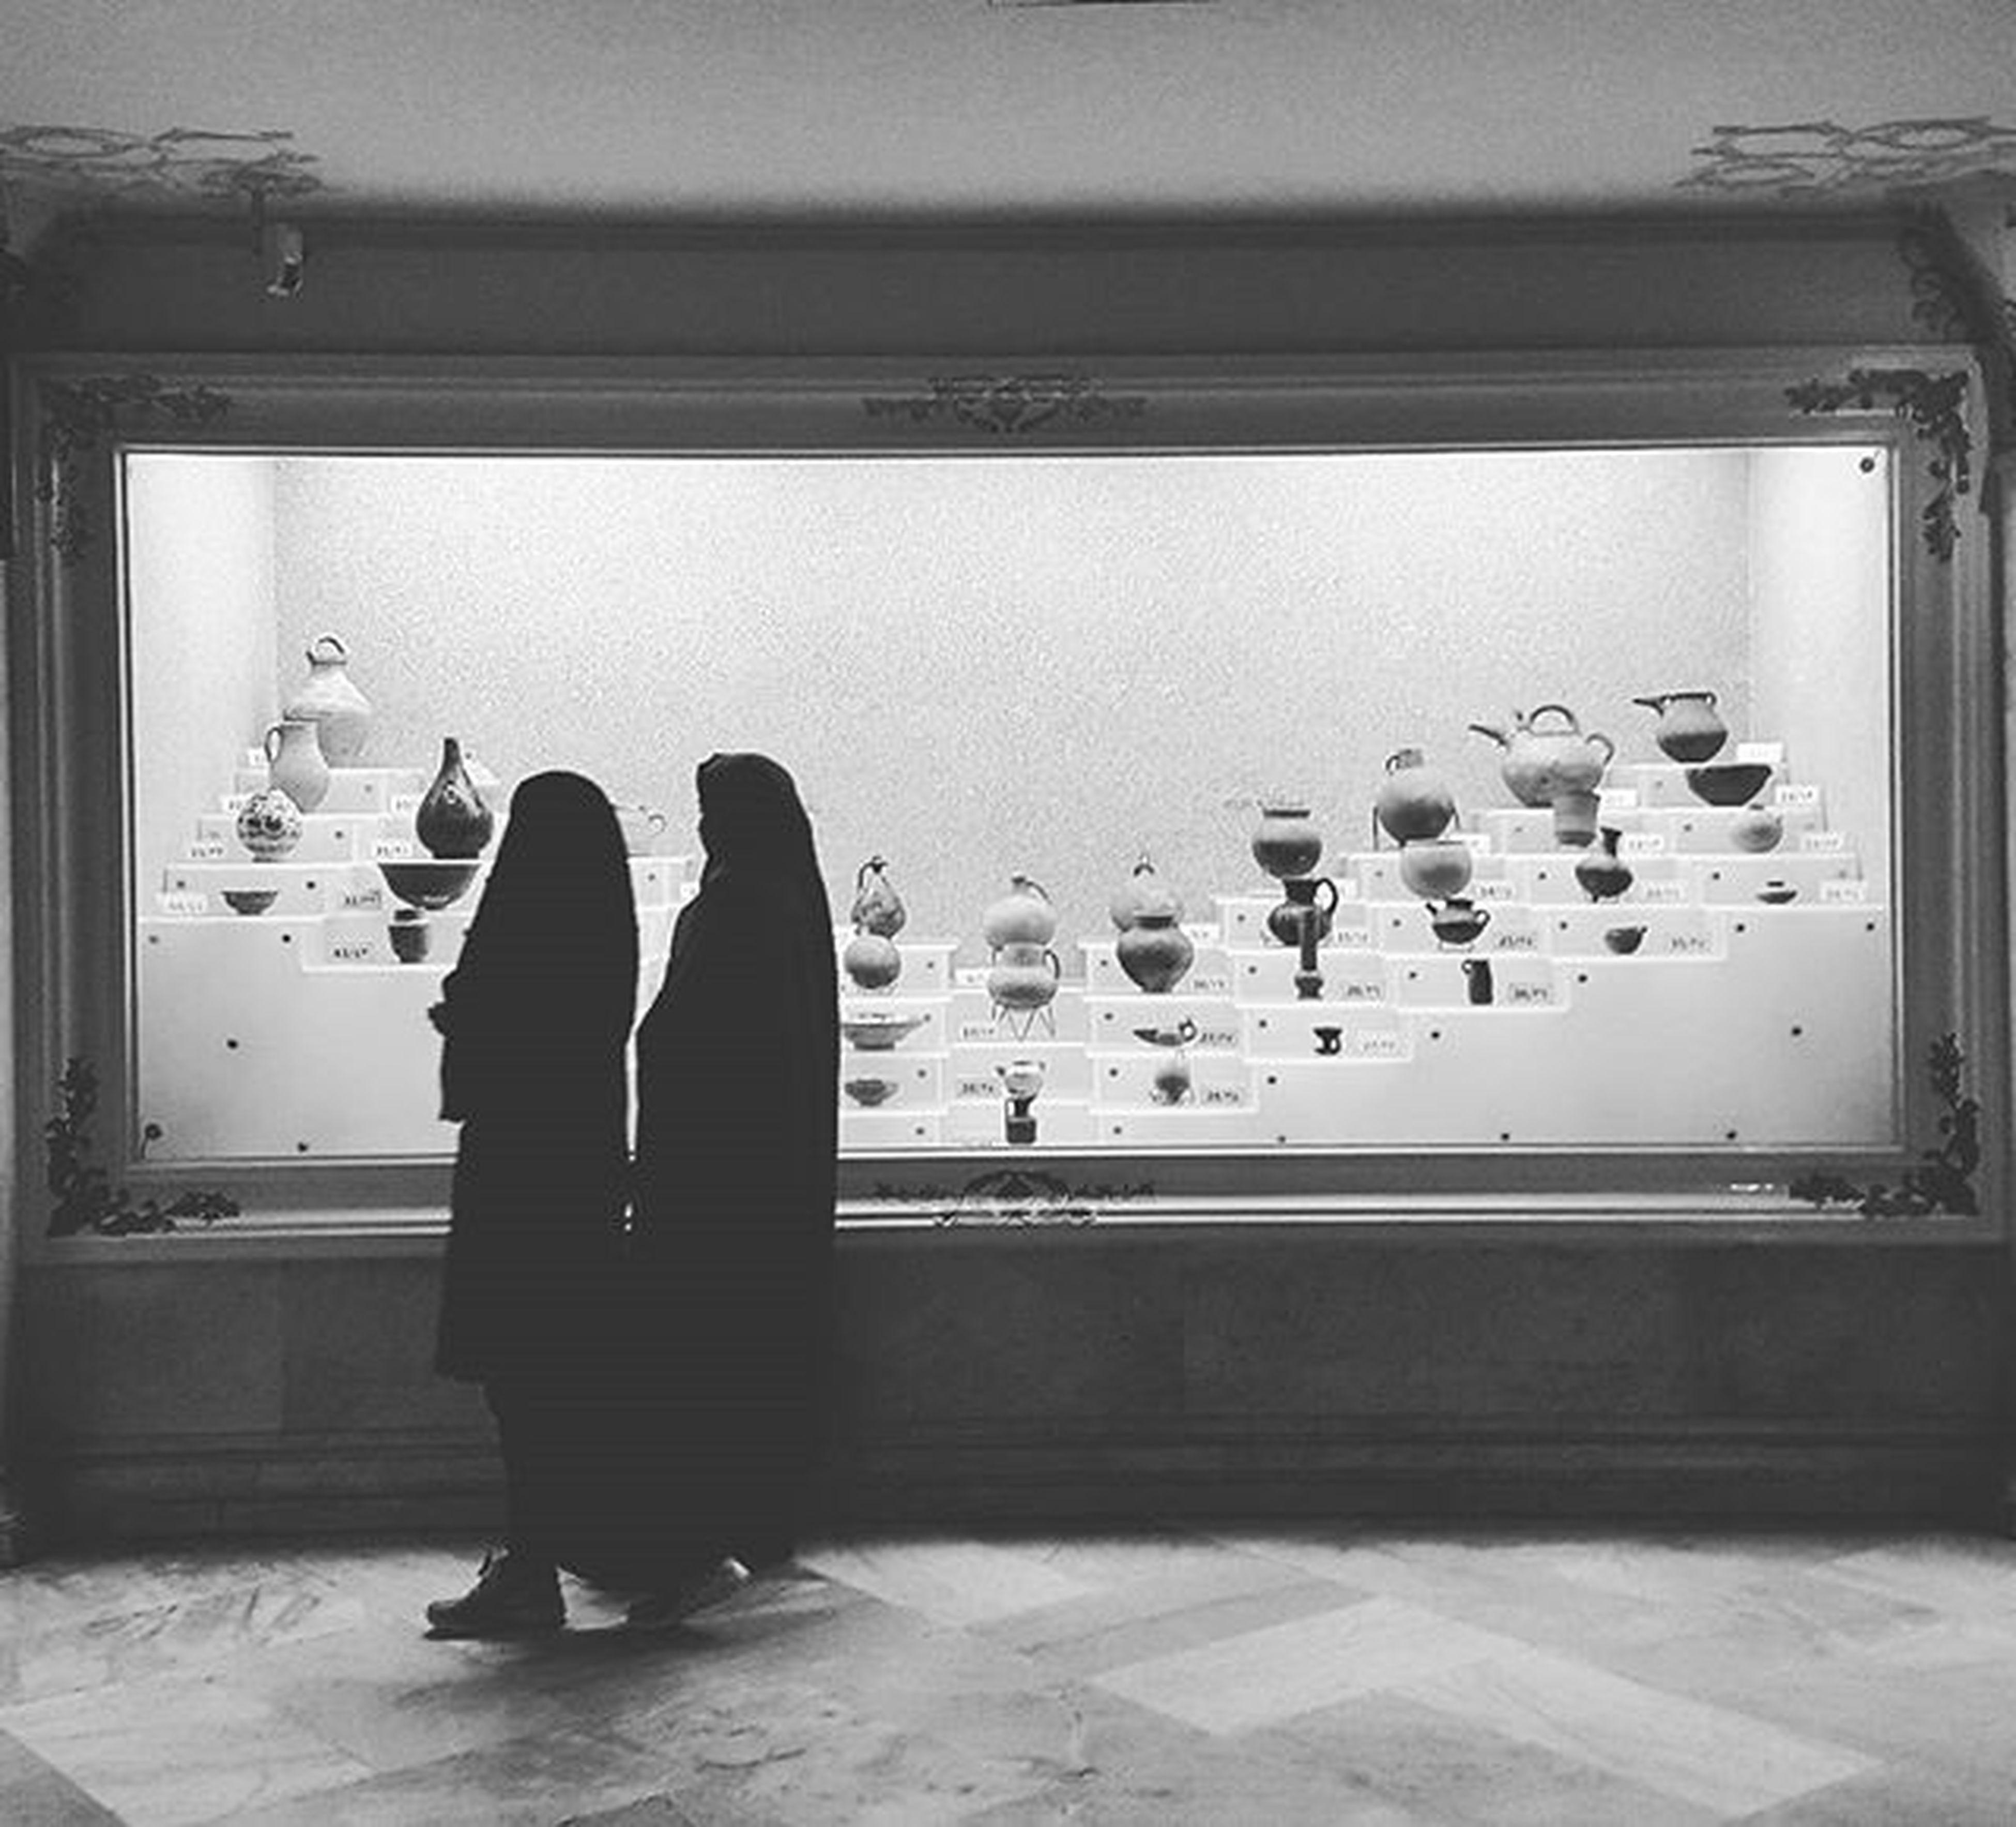 ▫ دو بازدید کننده در موزه_ی_آستان_قدس_رضوی، مشهد، ایران Two girls visiting museum of Āstān-e Qods in Mashhad , Khorasan_e_Razavi , Iran Mashhadlive Everydayiran Everydaymashhad